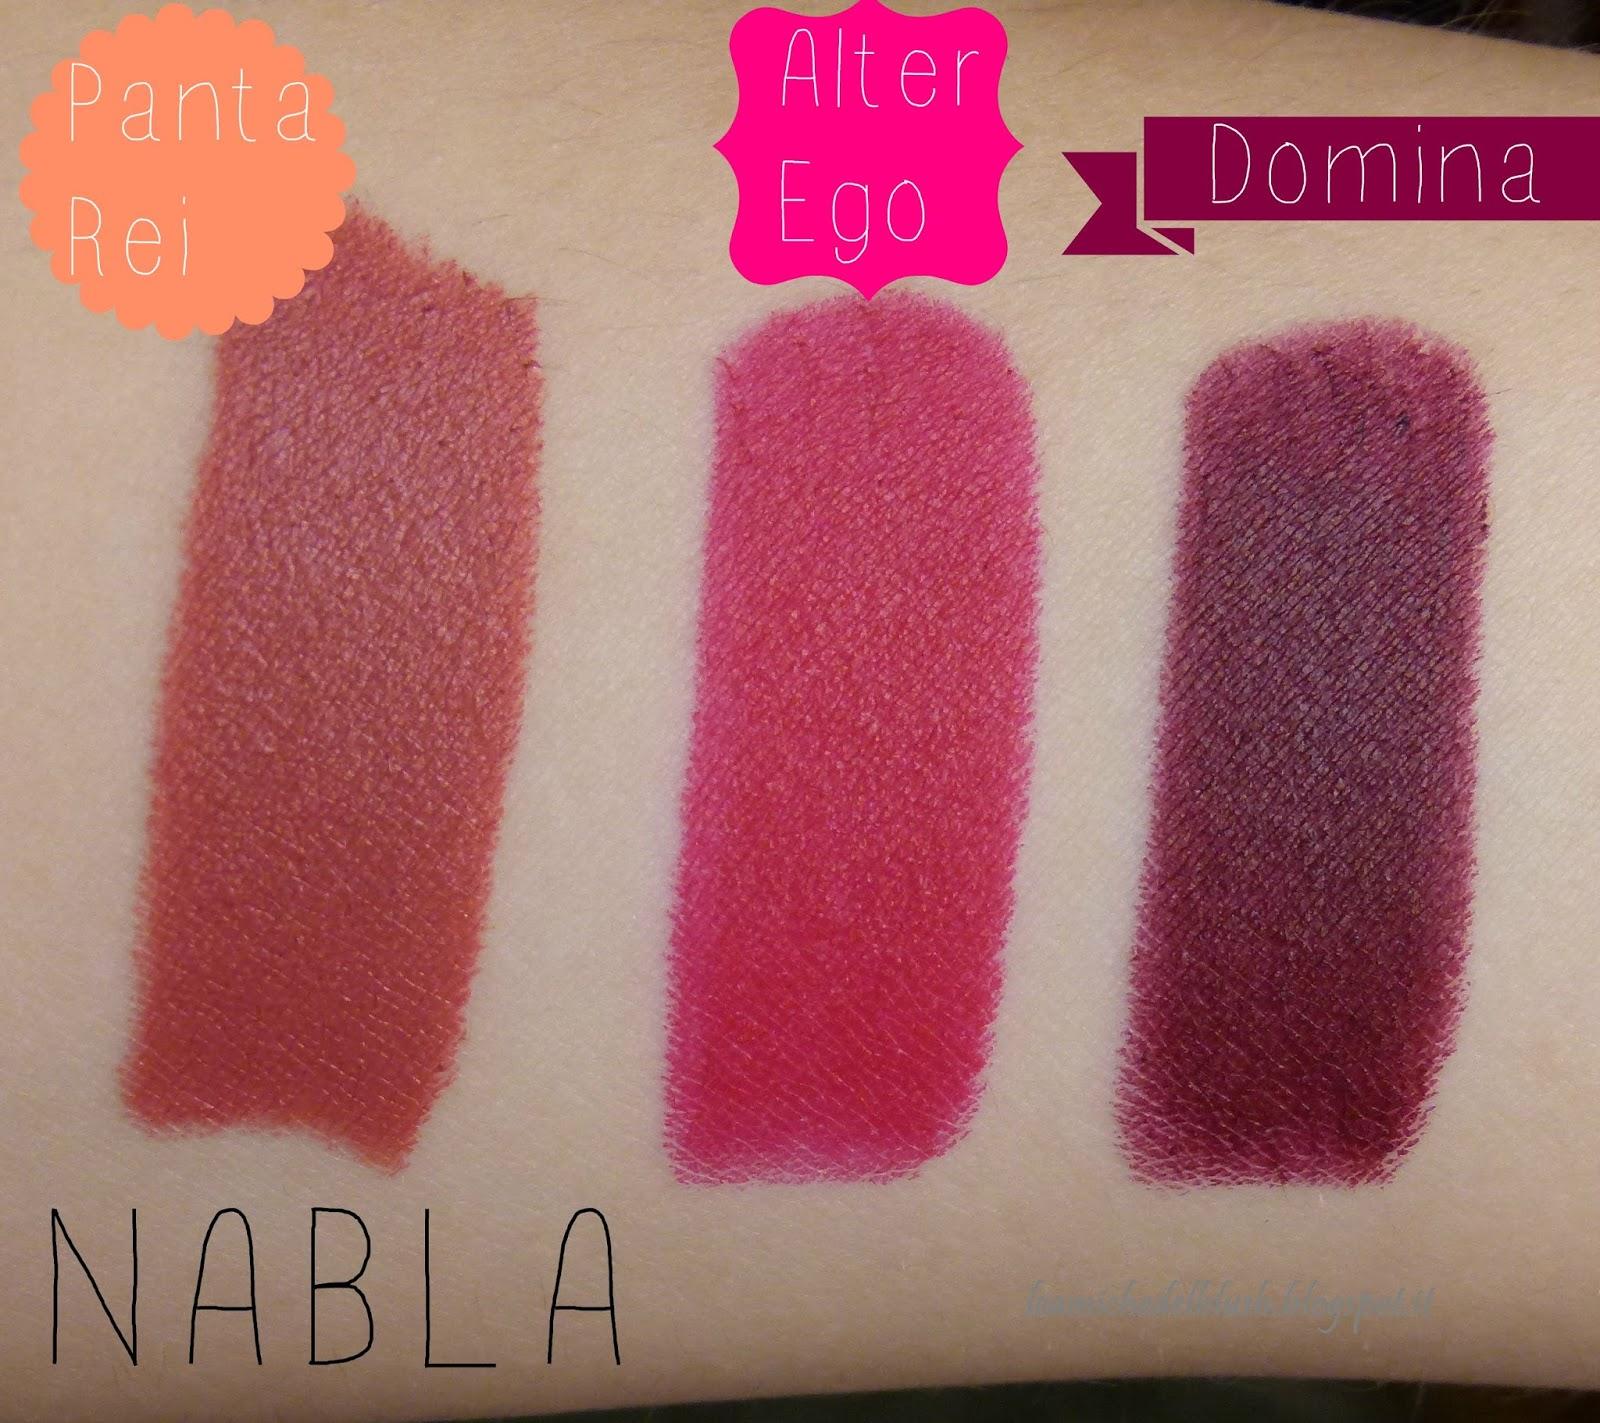 Le amiche del blush nabla cosmetics rossetti diva crime panta rei domina alter ego - Diva crime closer ...